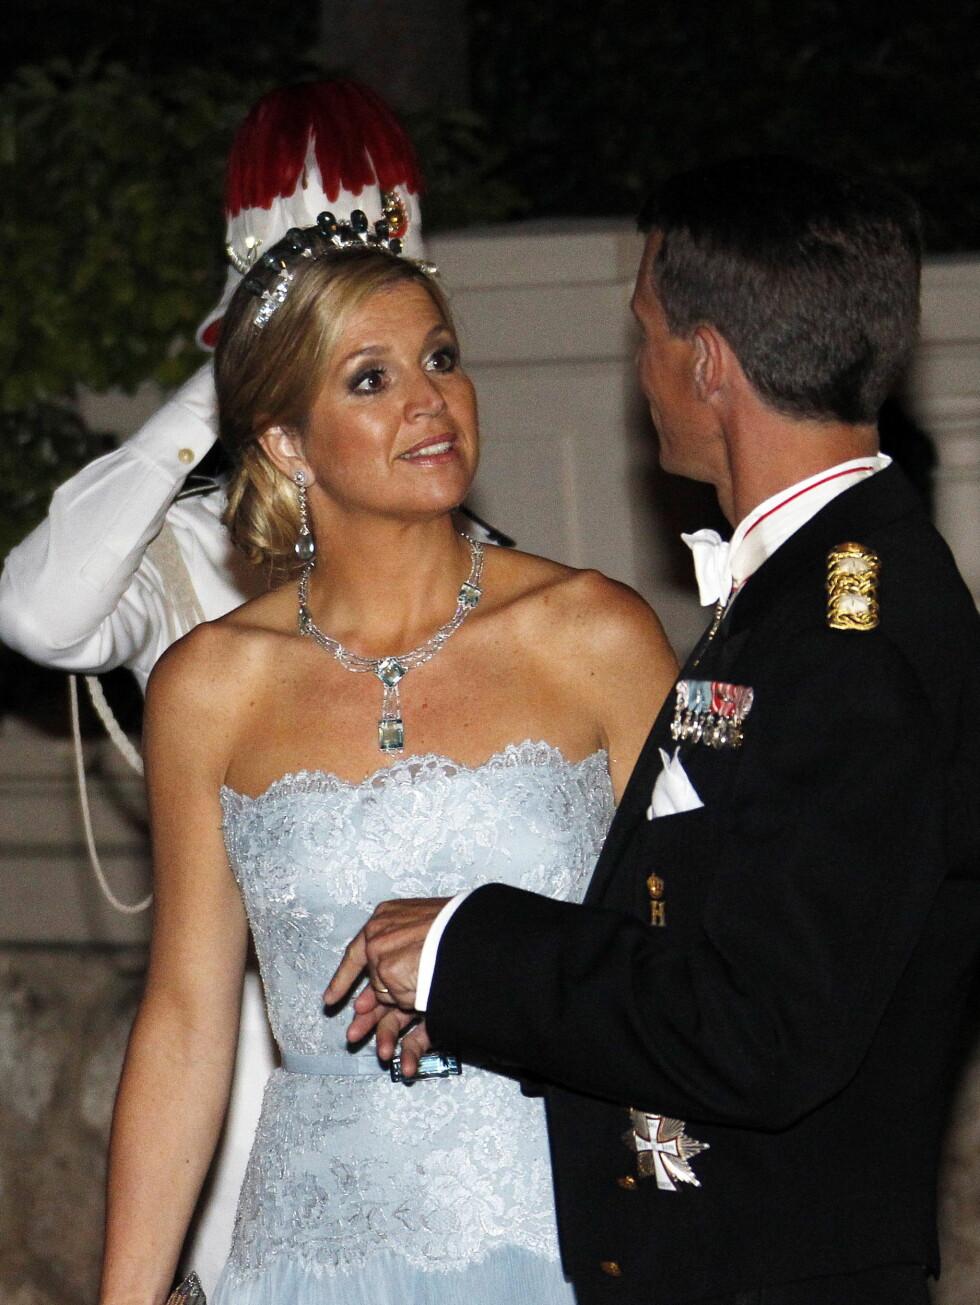 NEDERLAND-DANMARK: Kronprinsesse Maxima av nederland med danske prins Joachim, Foto: Scanpix